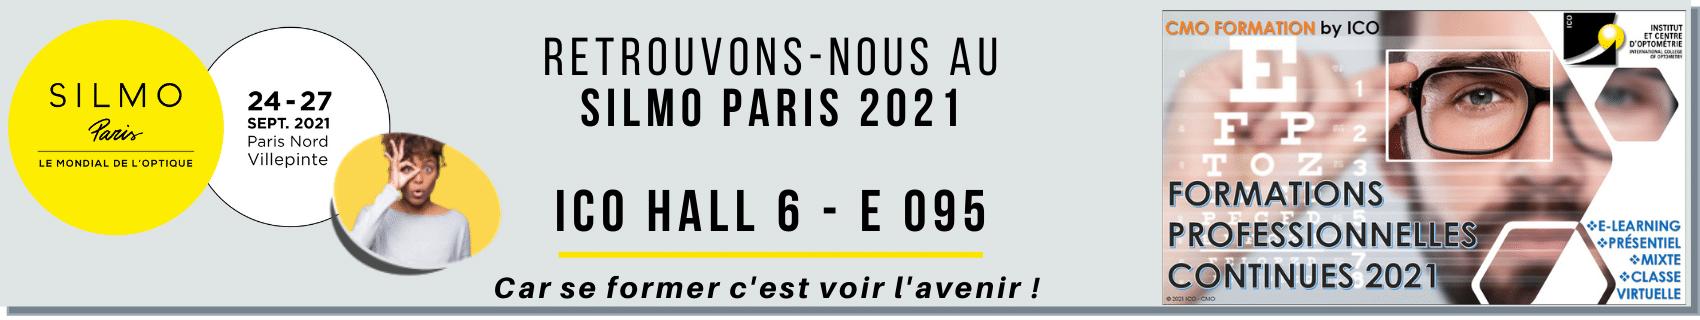 ICO école optique sera au SIlmo Paris 2021 pour vous présenter ses offres de formations professionnelles